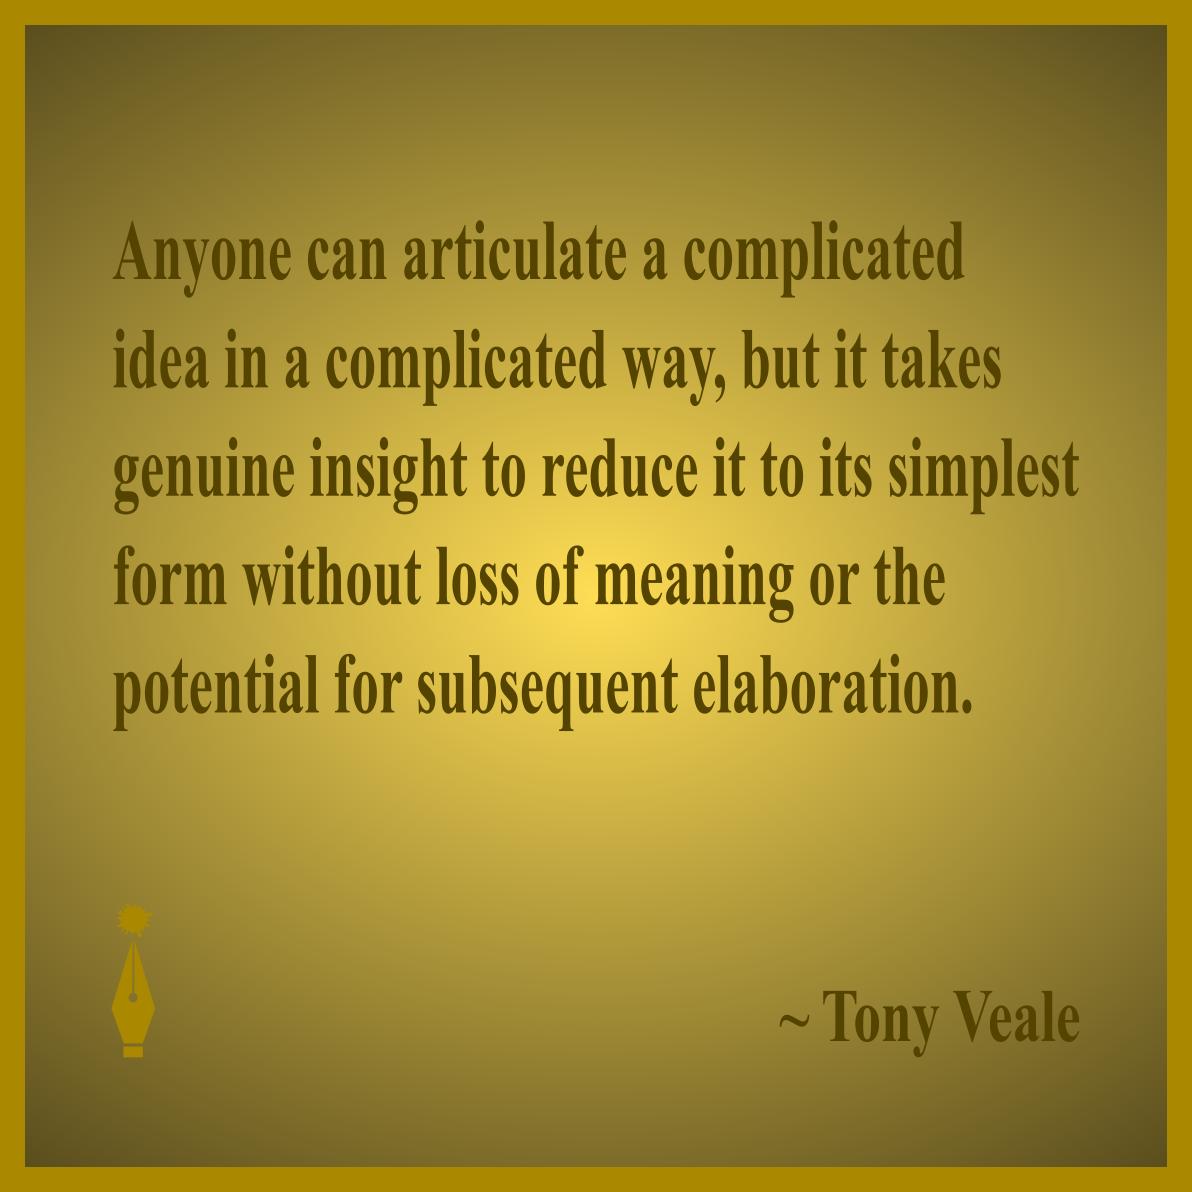 Tony Veal quote